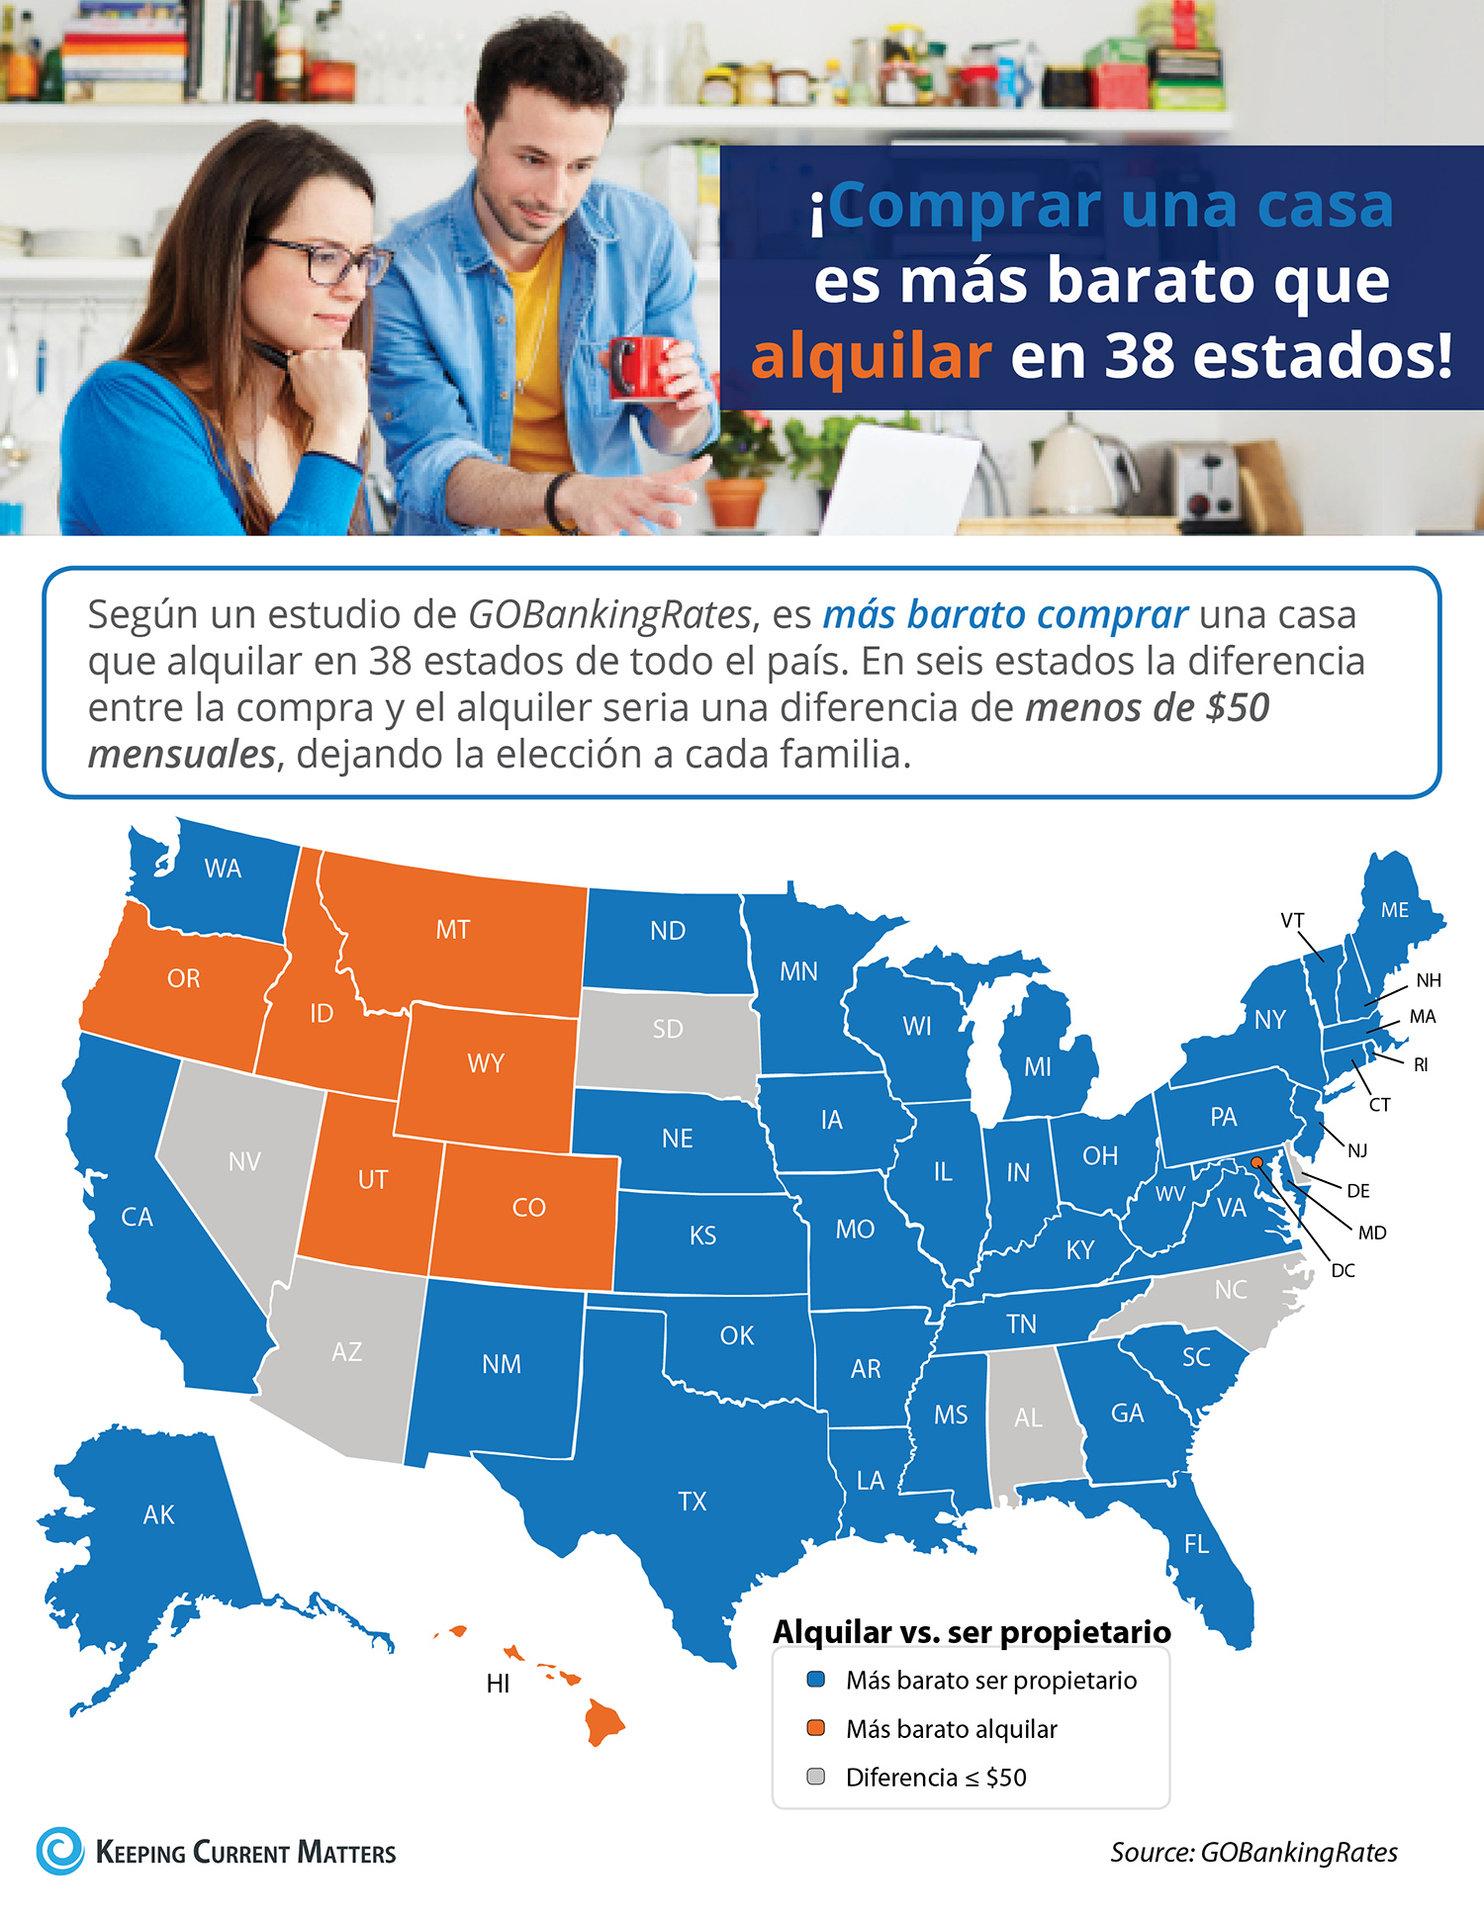 ¡Comprar una casa es más barato que alquilar en 38 estados! | Keeping Current Matters